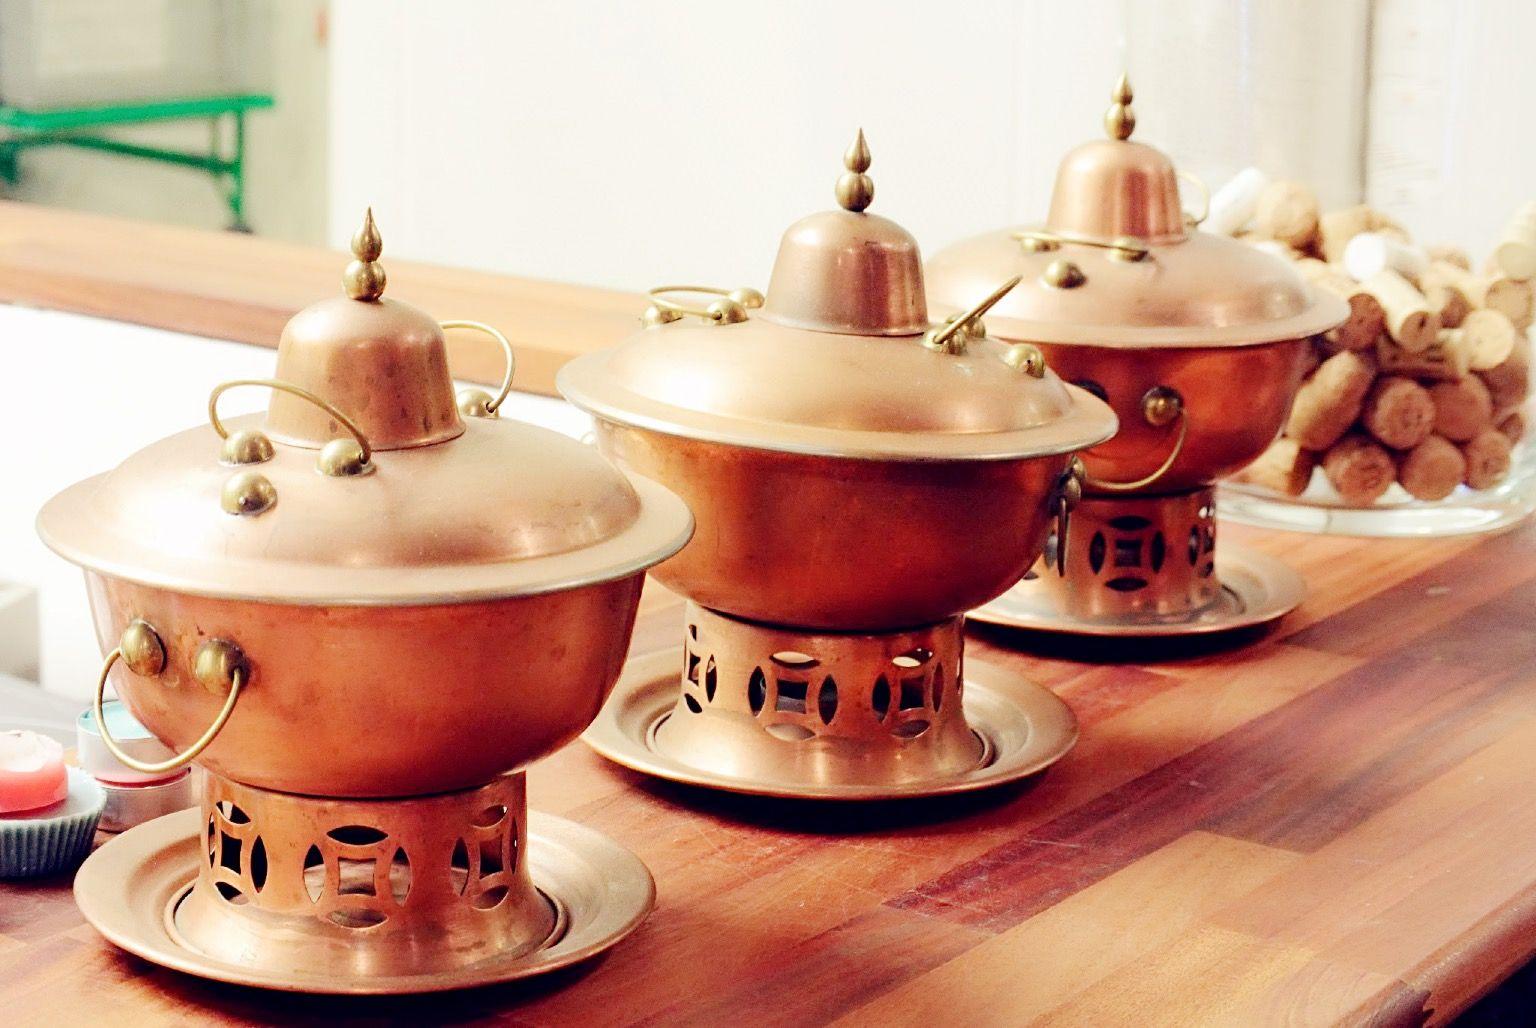 Ho's foodissa sinulla on mahdollisuus nauttia hot pot -ateriasta yksin tai seurassa. Se on kiinalainen ateria, jonka aineksia asiakas pääsee itse kypsentämään pöydässä fonduen tapaan, jutustelun, ilonpidon ja yhdessäolon lomassa. Samalla koet käytännössä kiinalaisen keittiön tunnelmaa!